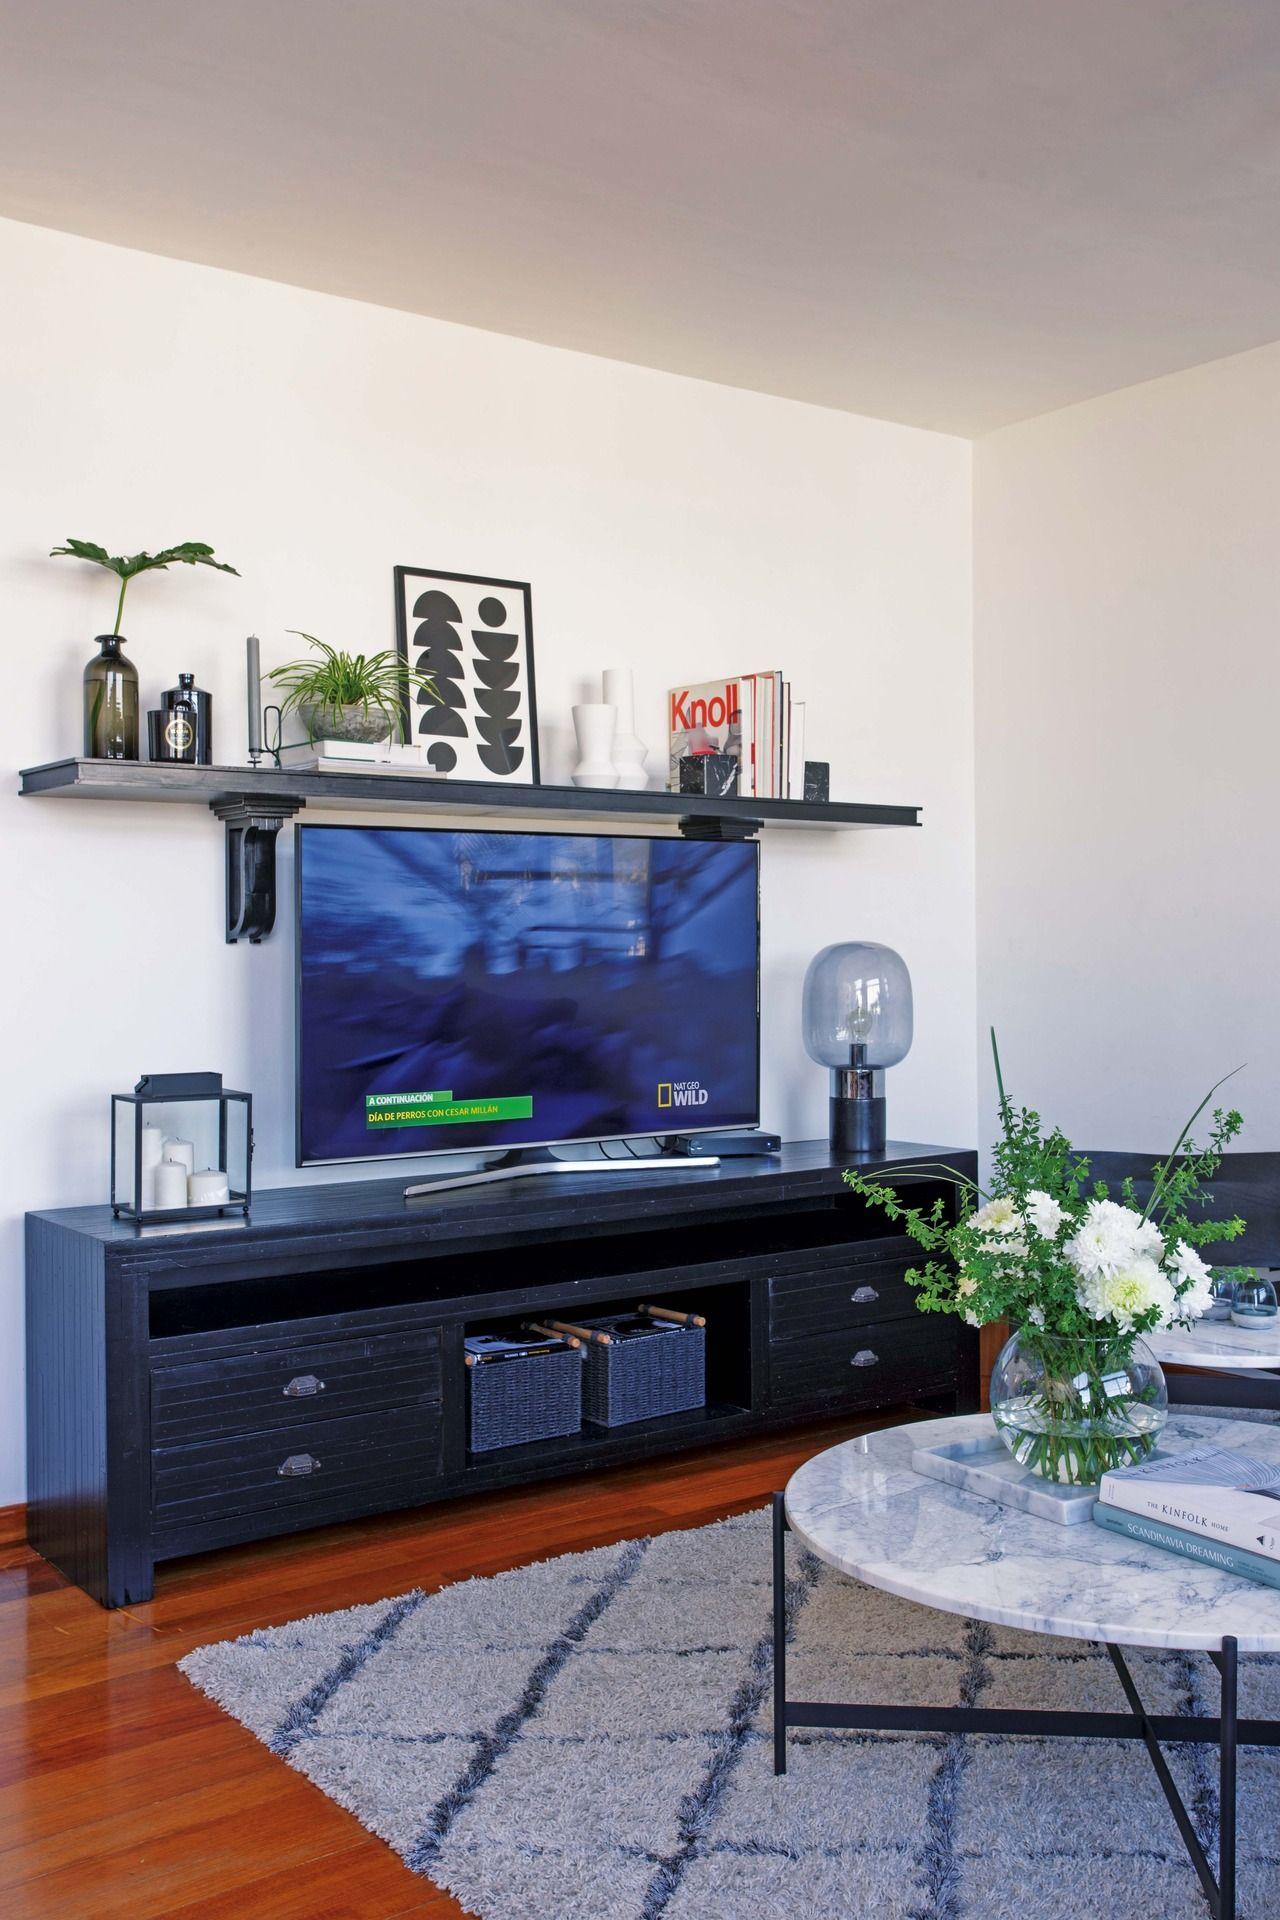 Nuevas Vetas Pocos Objetos Realzan La Belleza De Lo Simple En  # El Foco Muebles Caballito